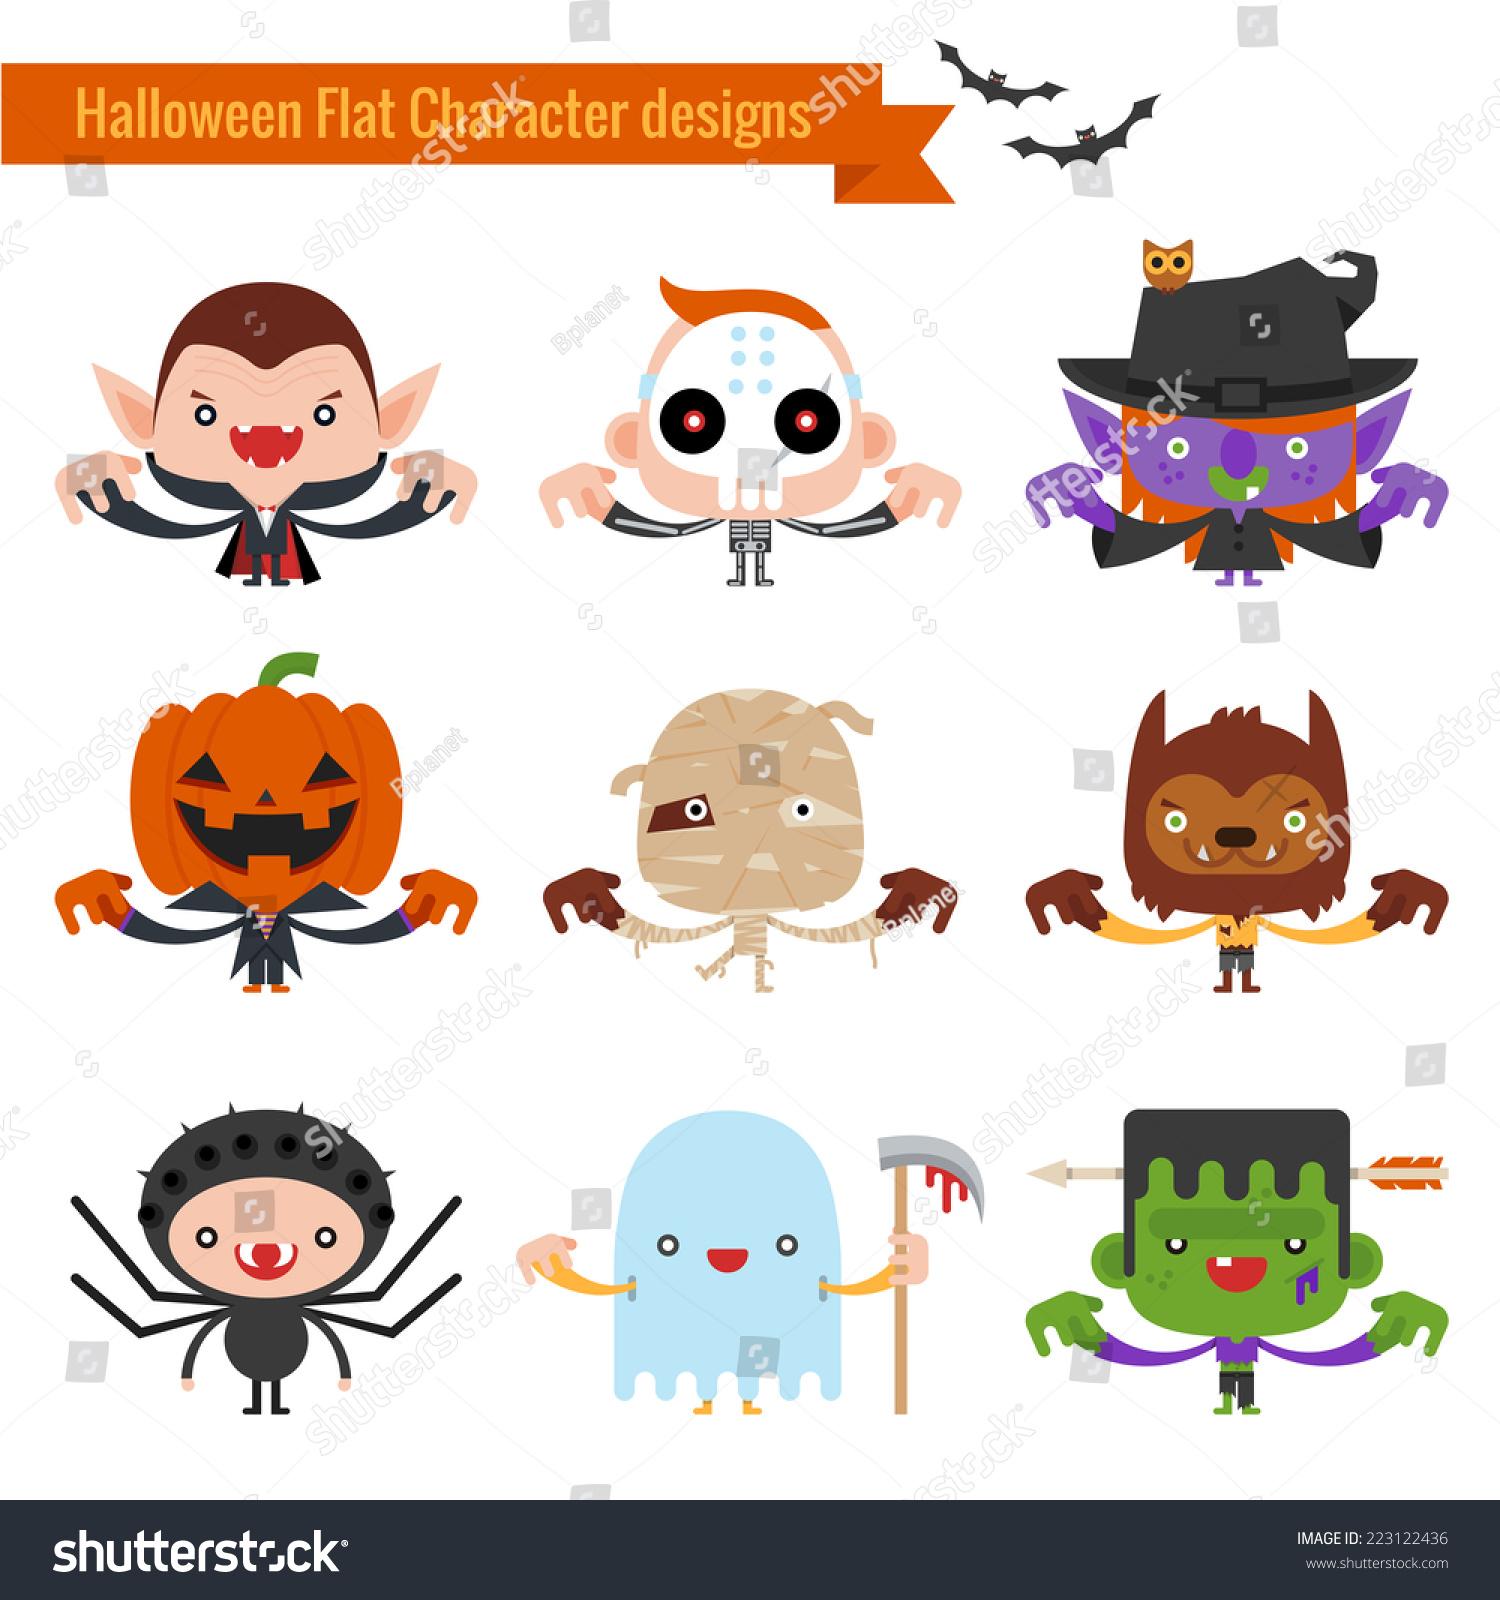 Halloween Character Design Challenge : Halloween character icons flat design stock vector